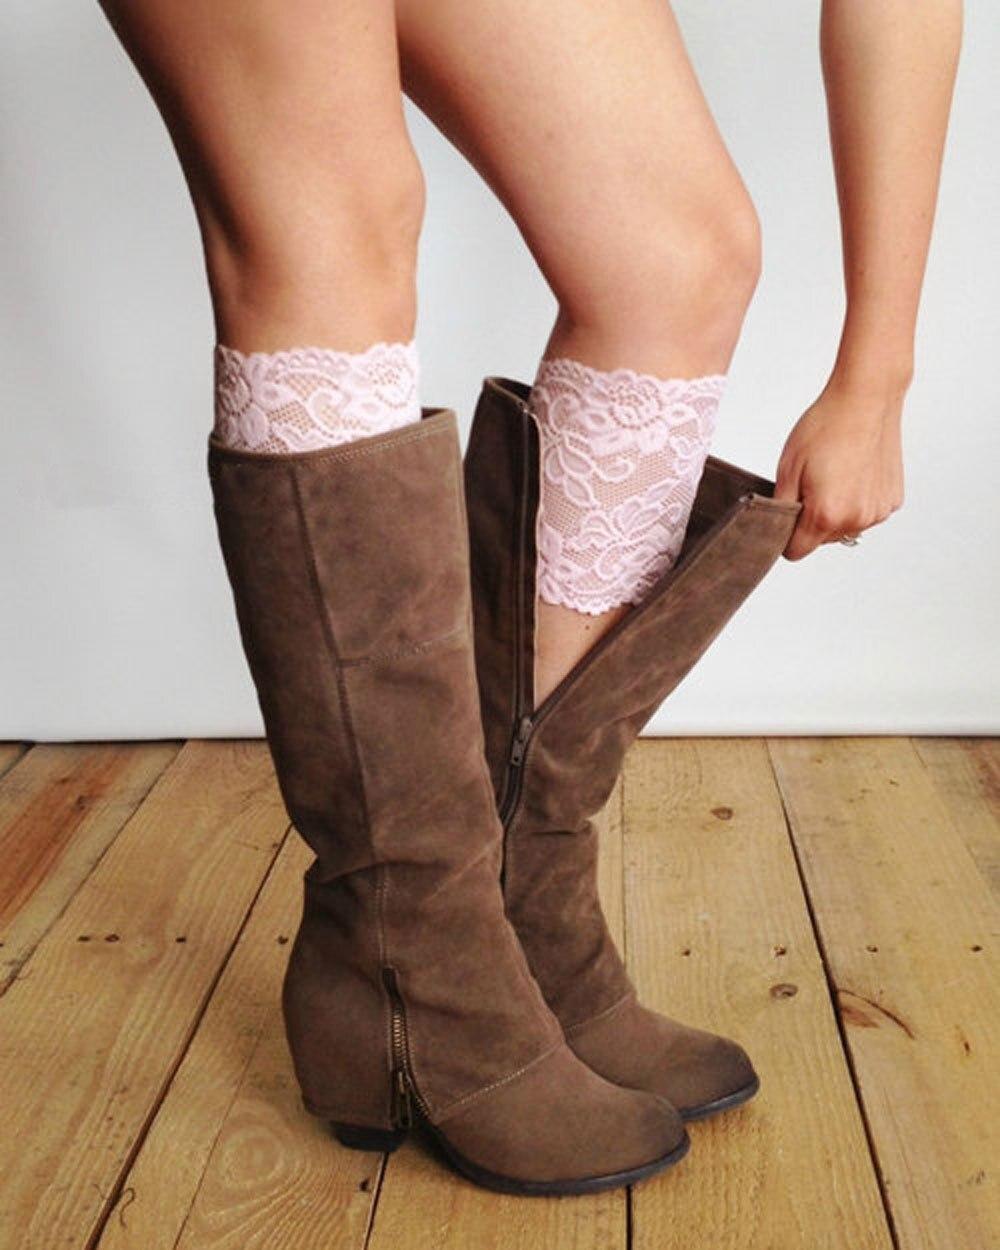 Sexy girl in leg warmers — photo 14